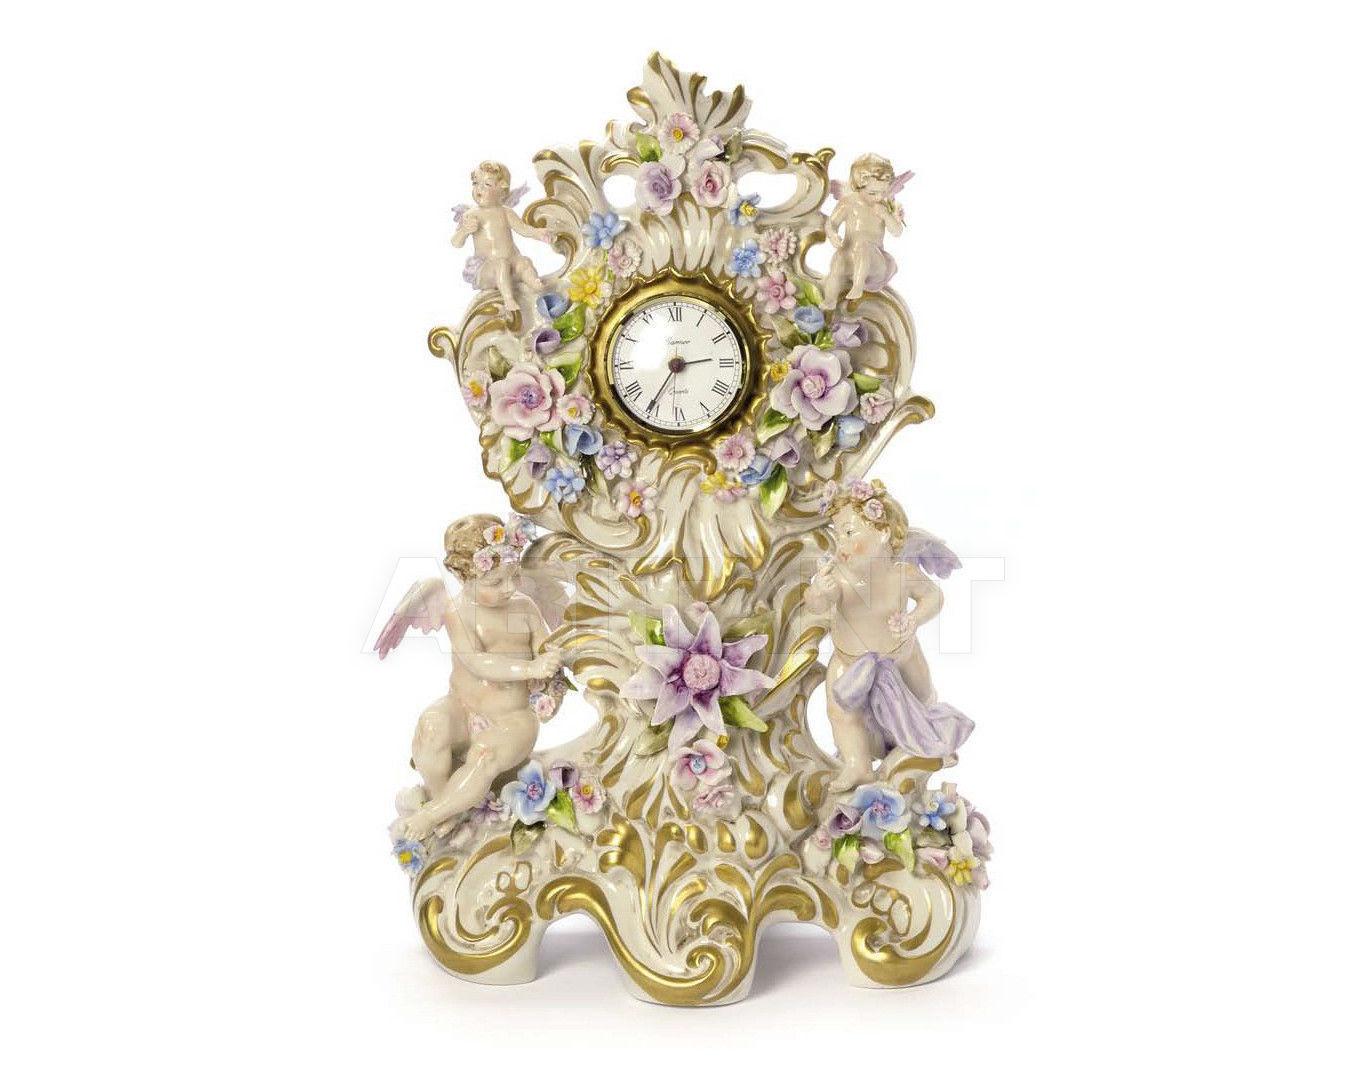 Купить Часы настольные VERSAILLE CLOCK Villari Capodimonte T.01737-002